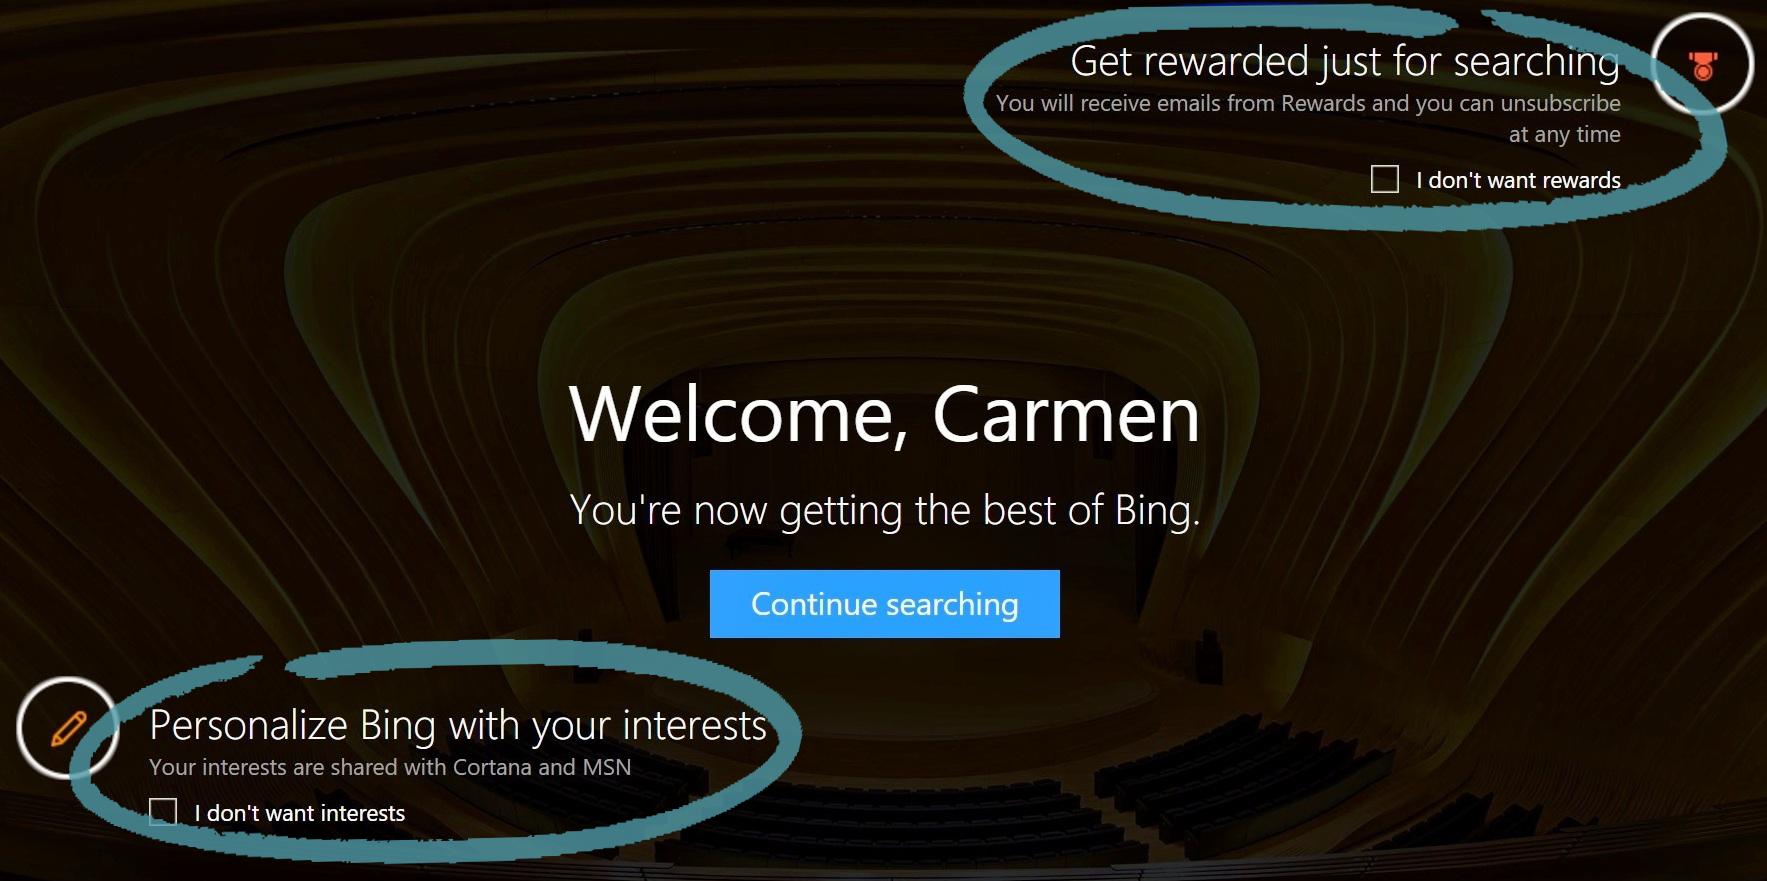 strona główna usługi Bing z opcją włączenia programu Nagrody i funkcji Zainteresowania